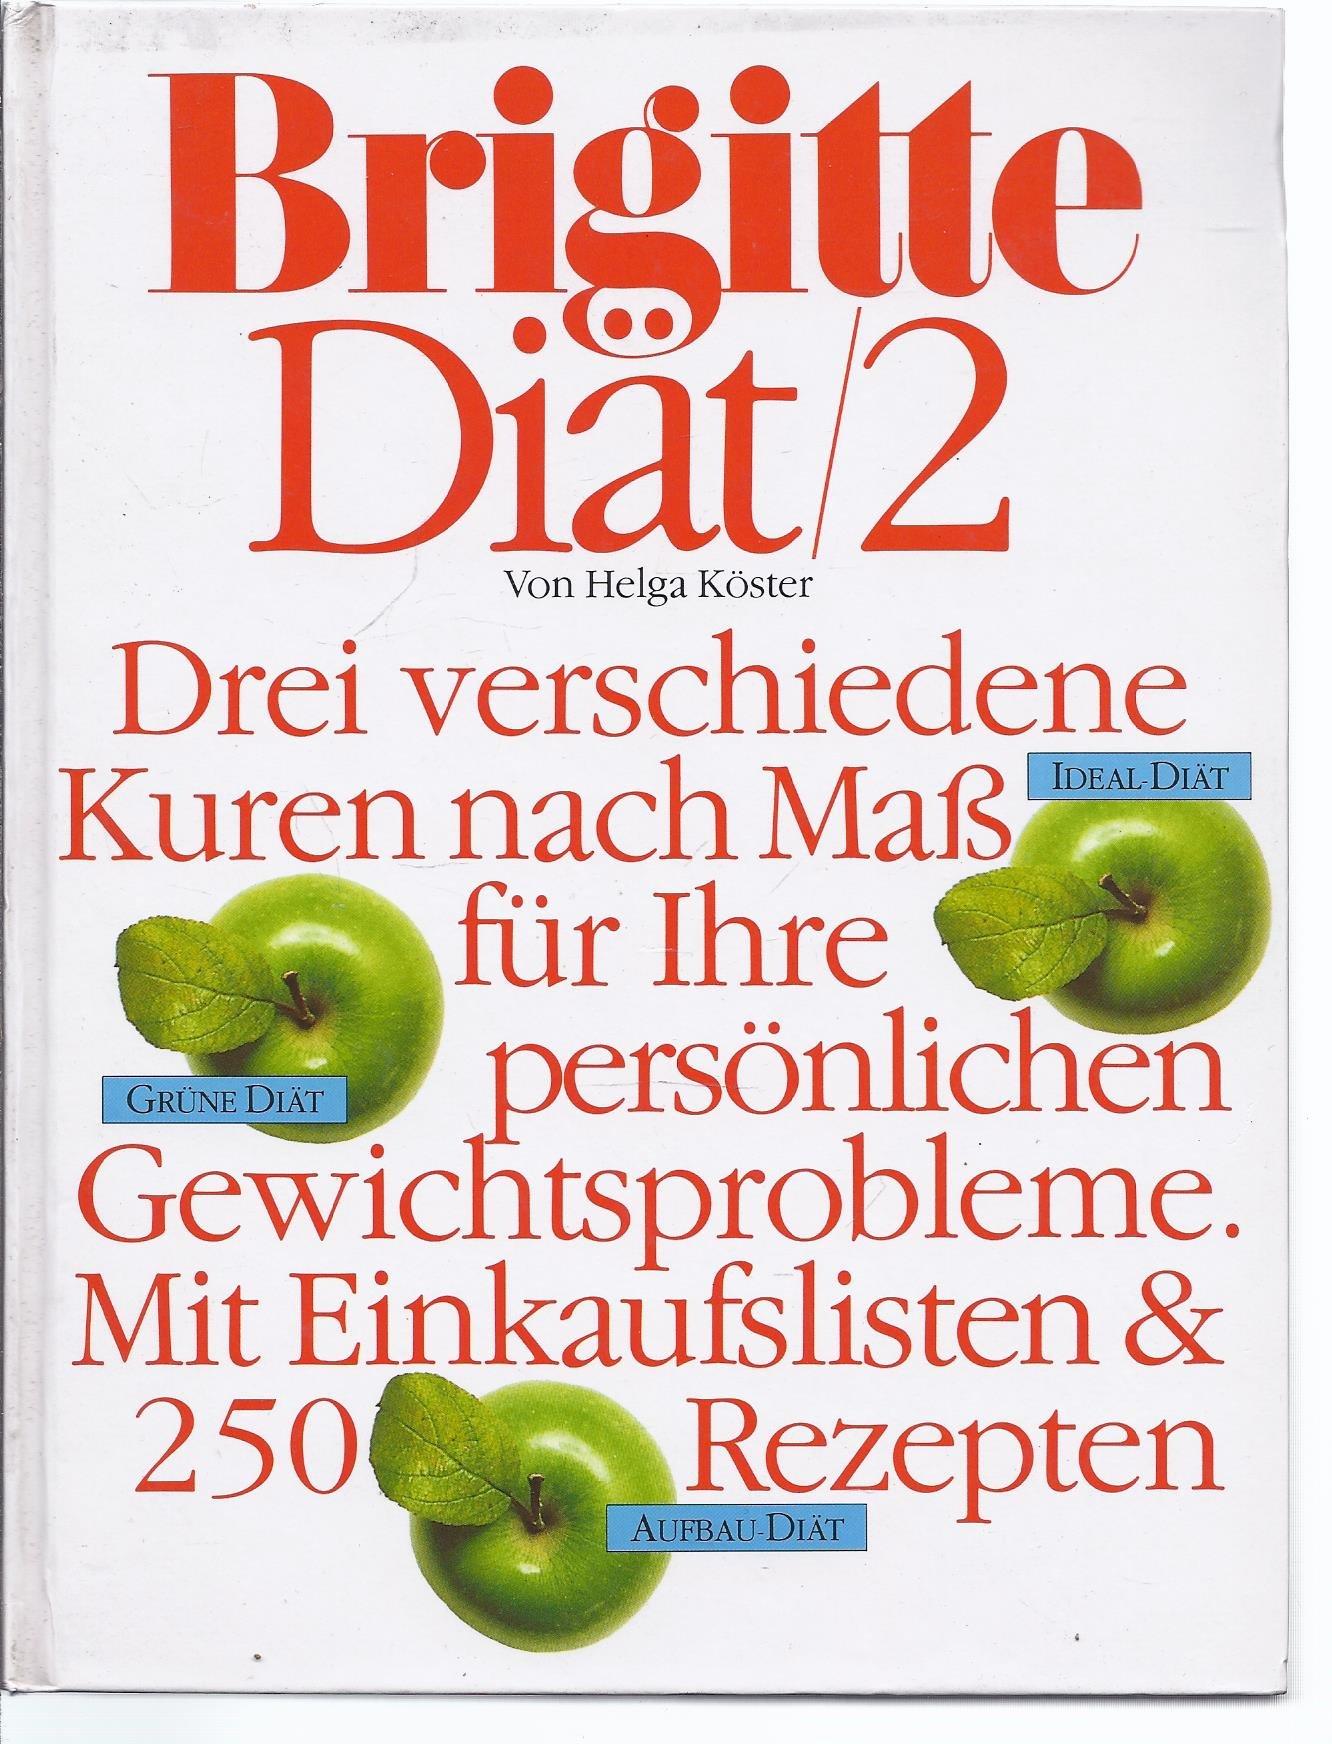 Brigitte Diat 2 Die Idealdiat Die Grune Diat Die Aufbaudiat